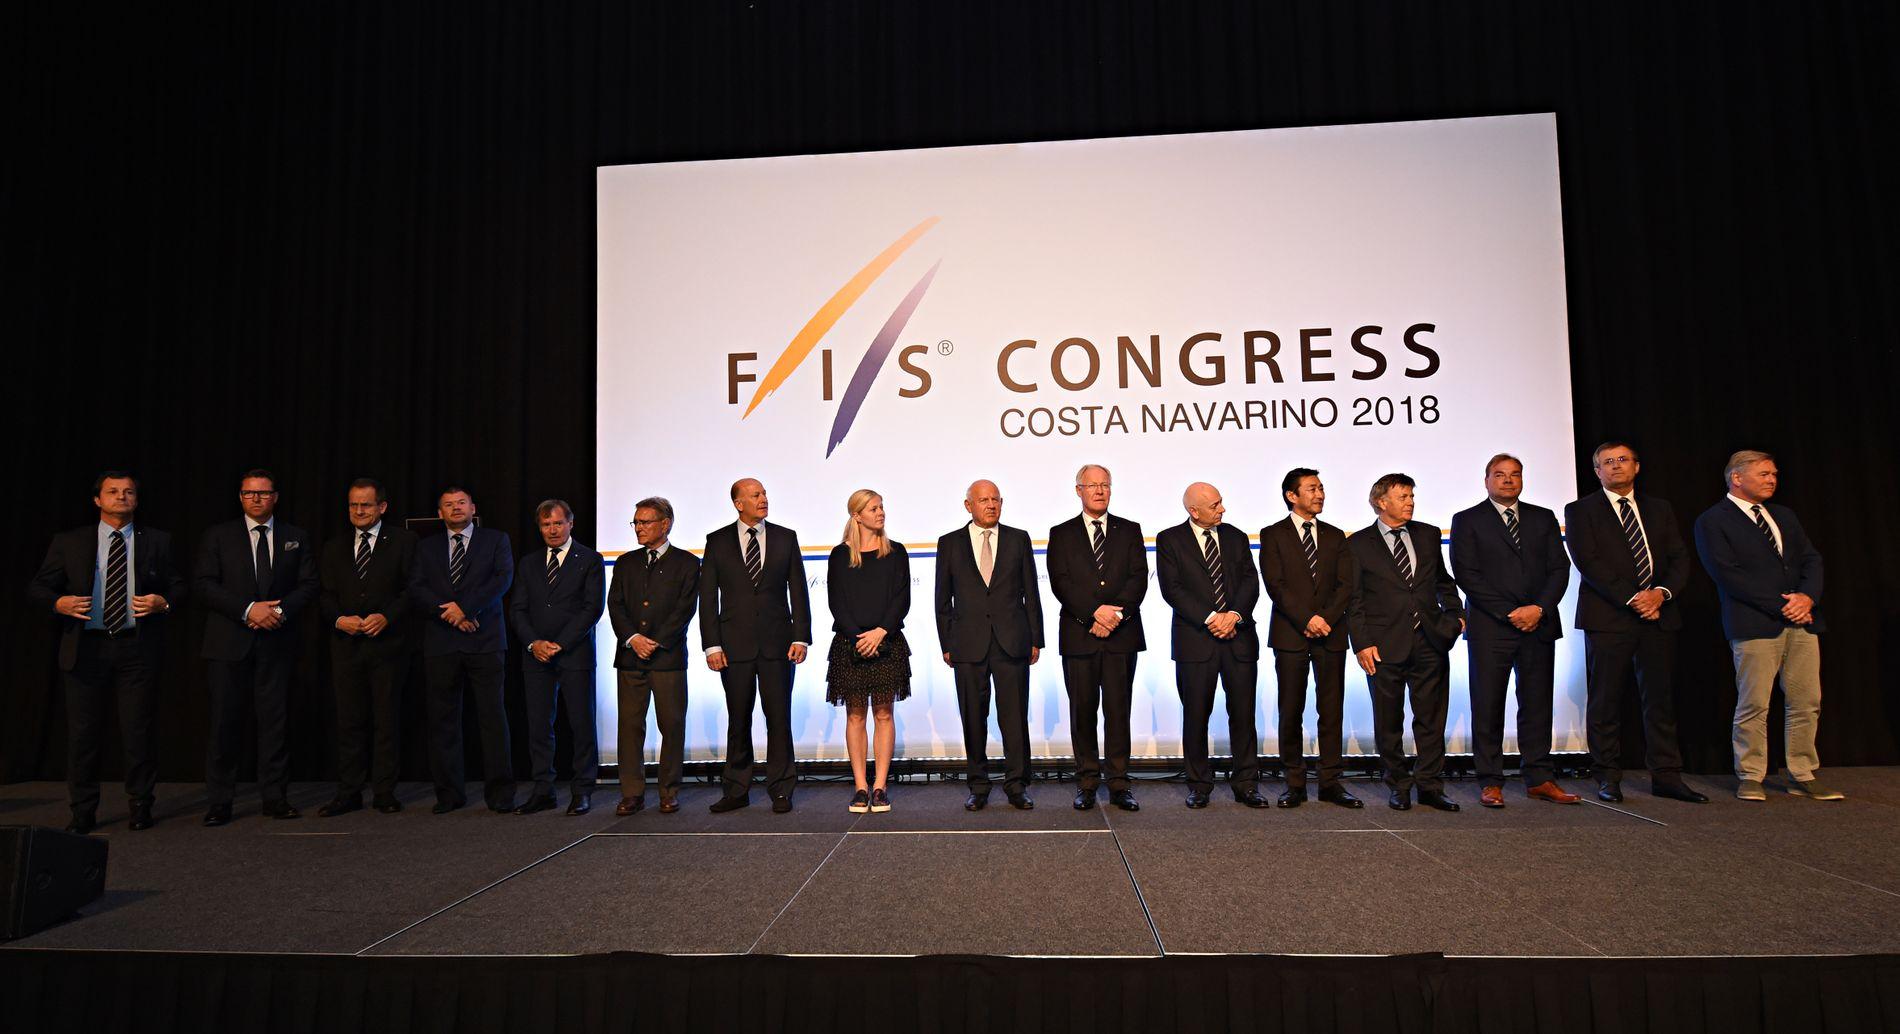 FIS-STYRET: Dette var styret til FIS ved innledningen av FIS-kongressen i mai i år. Som vi ser er bare én av 16 personer kvinner.